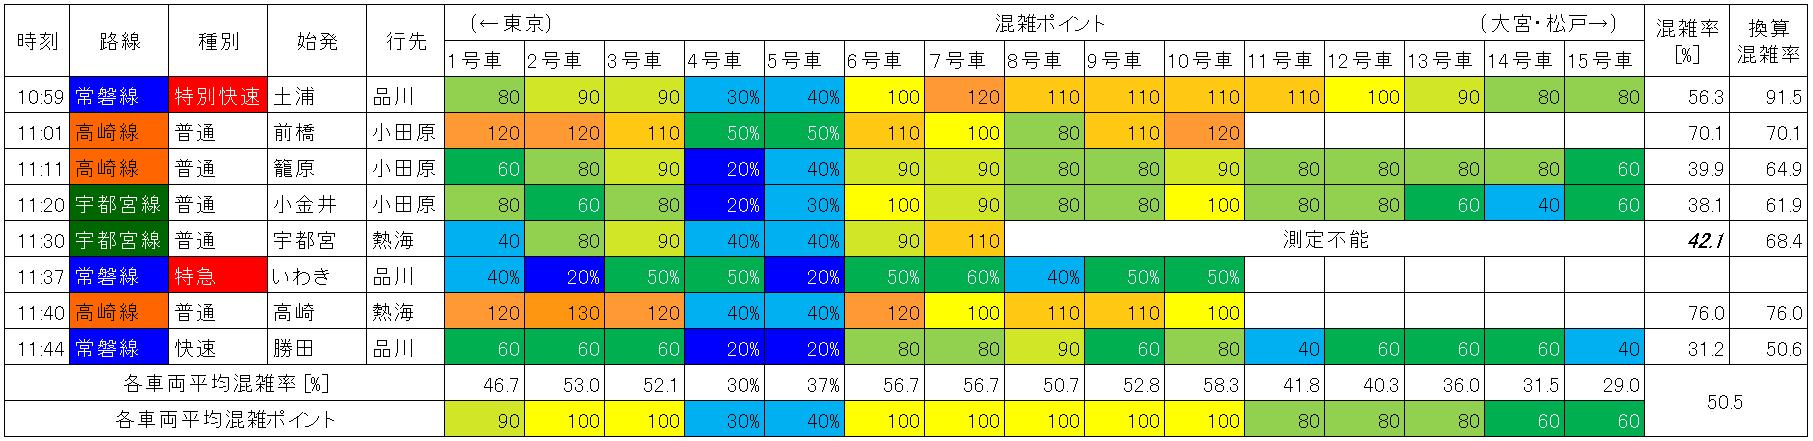 上野東京ラインの混雑状況(上野→東京、平日日中時間帯)